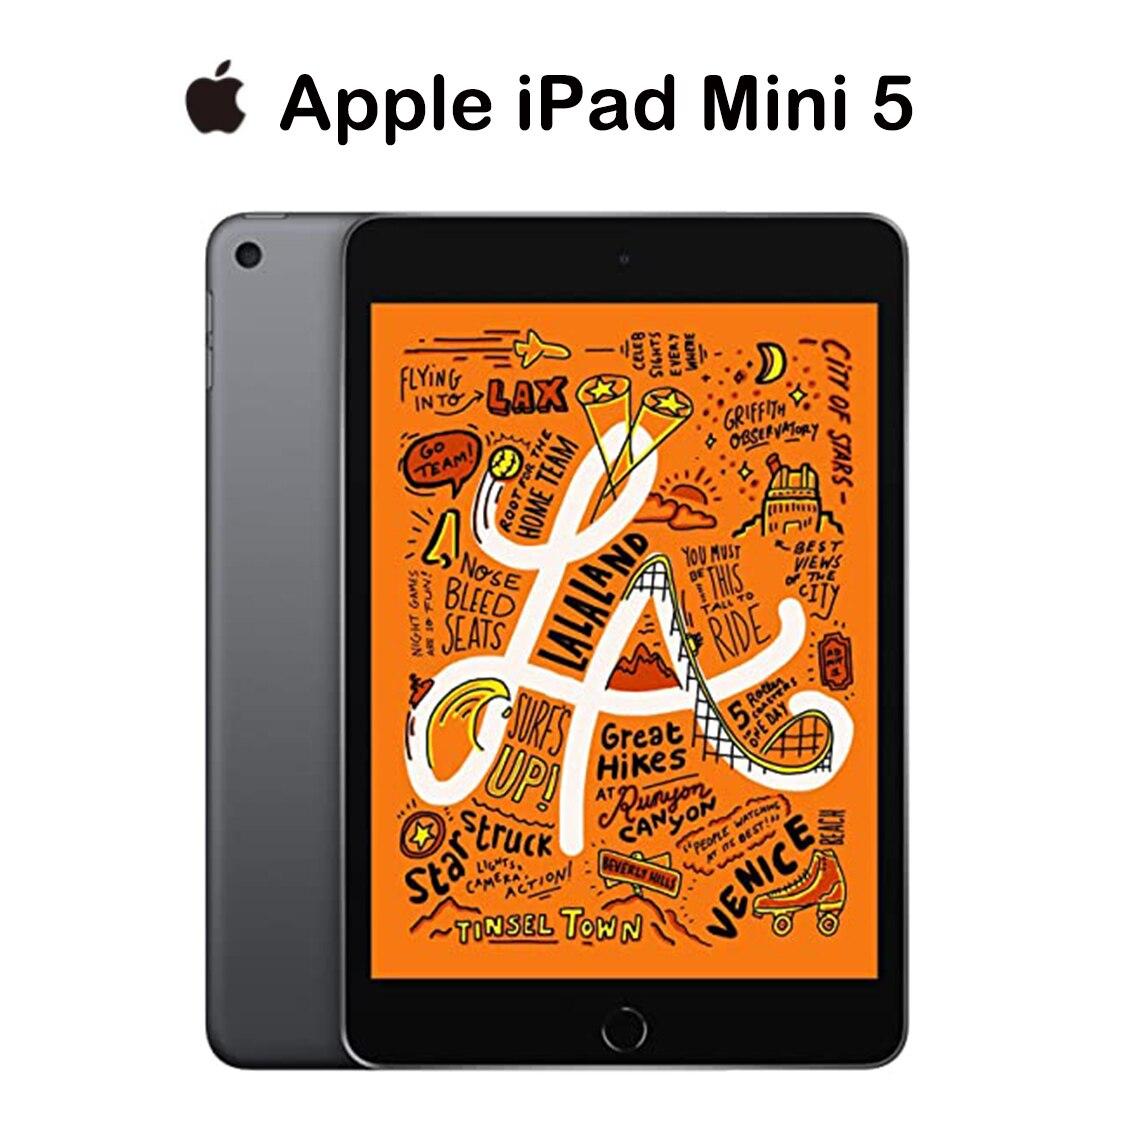 Новый оригинальный 2019 дюймовый Apple iPad Mini 5 ( 64 ГБ, серая Версия Wi-Fi), дисплей Retina 7,9 дюйма, чип A12, сенсорный ID, поддержка Apple Pencil IOS